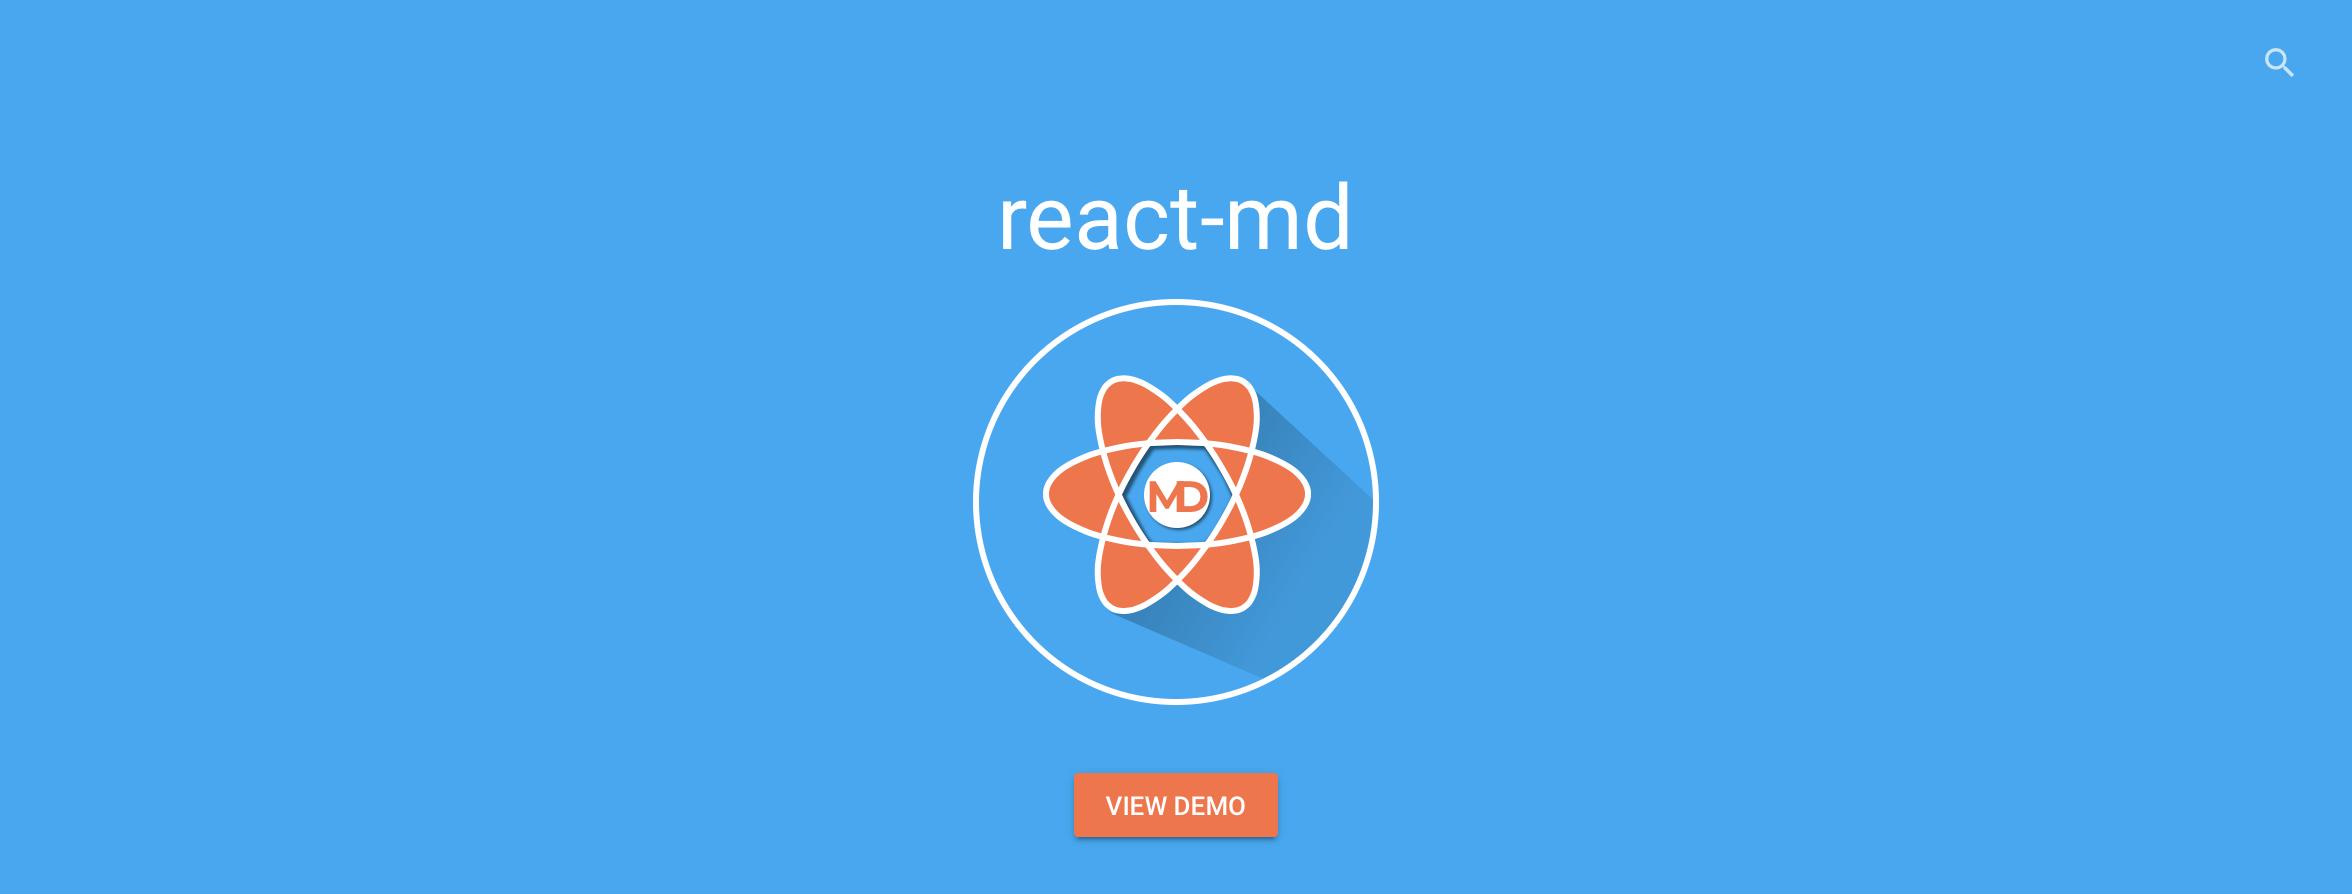 React Material Design - React